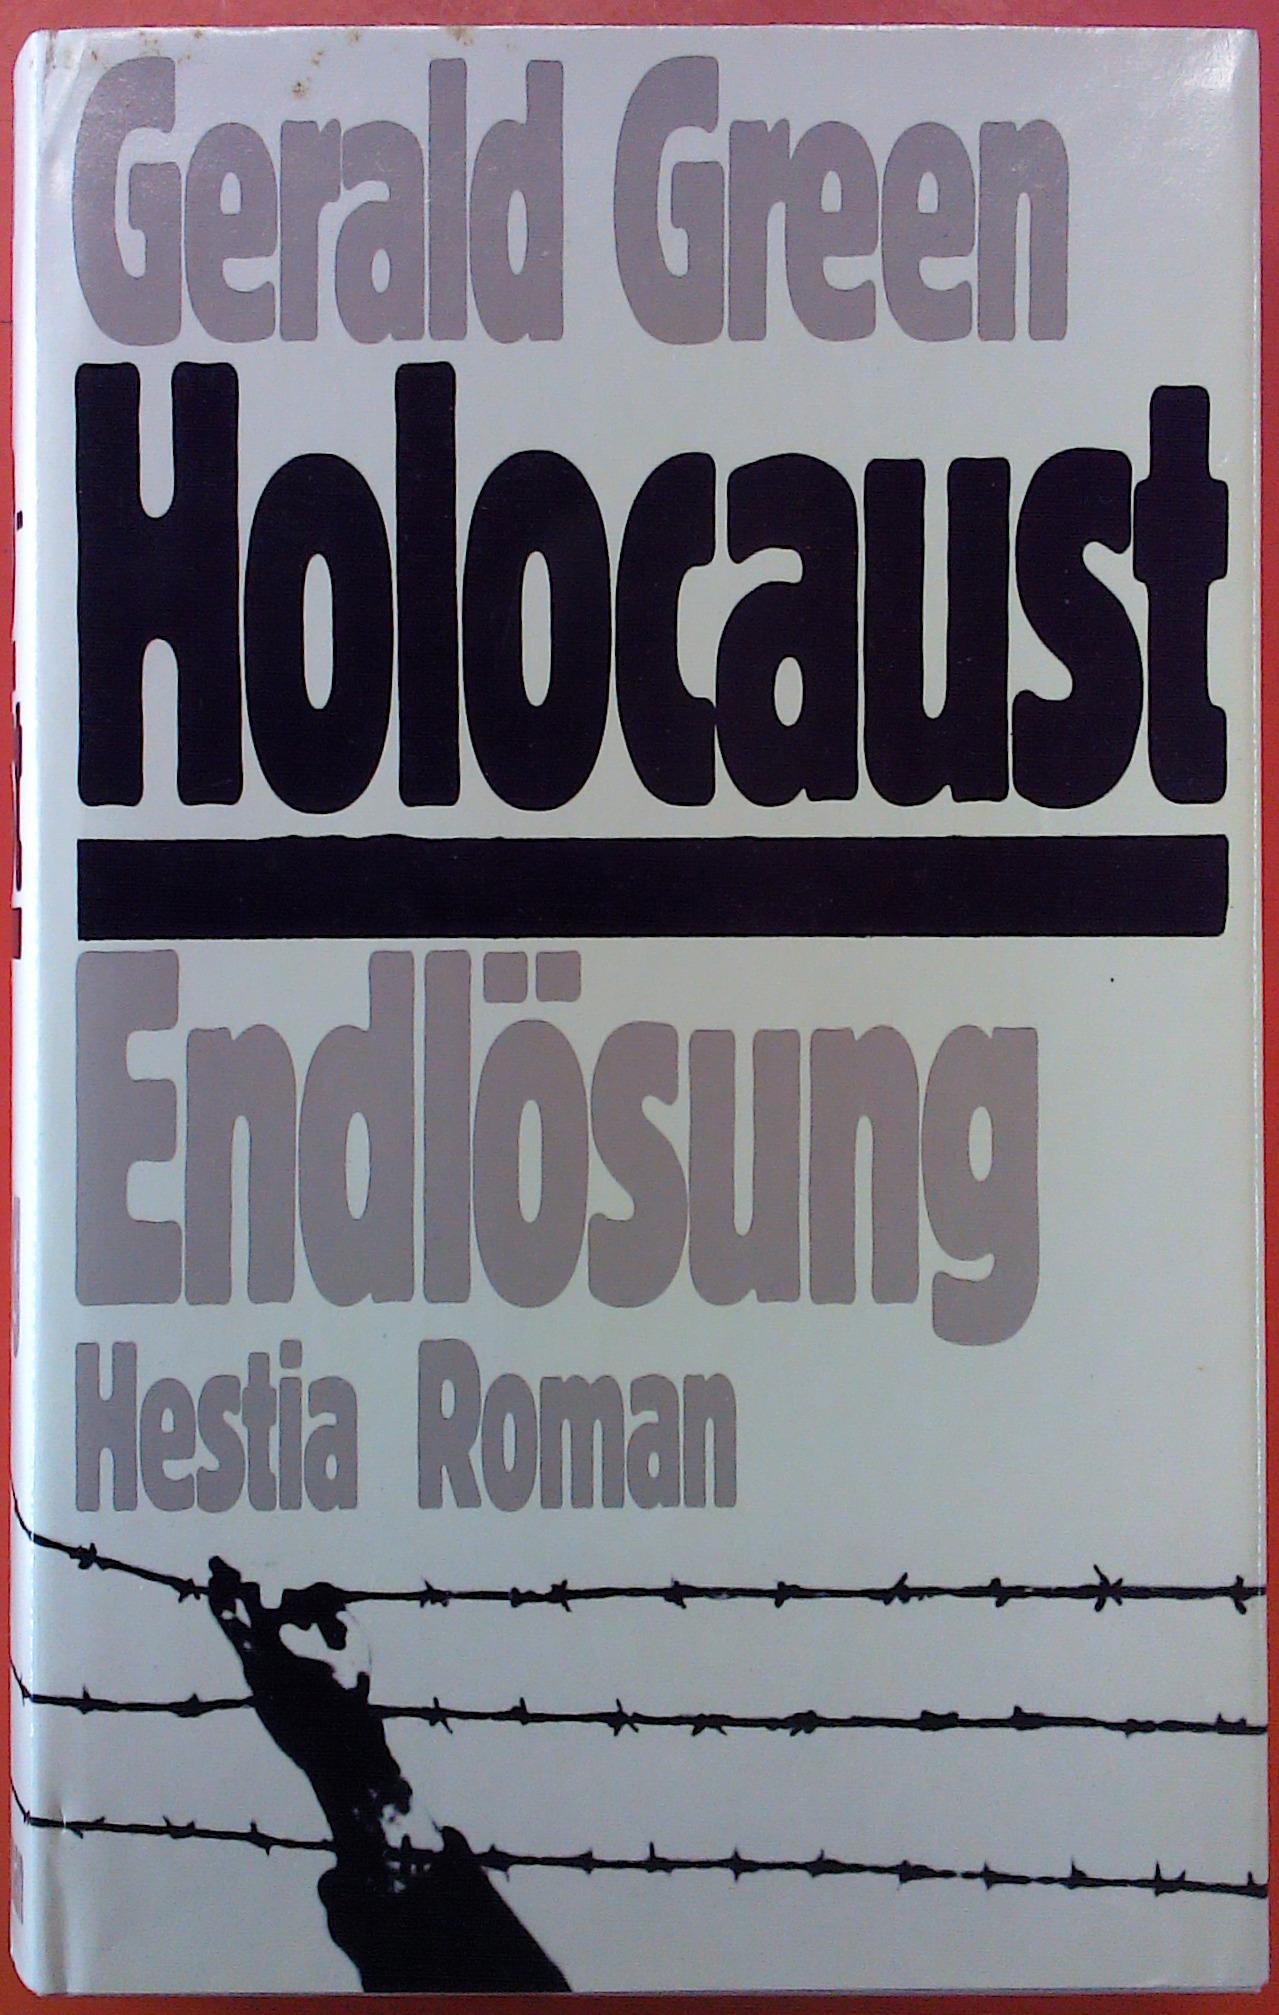 Holocaust. Endlösung: Gerald Green